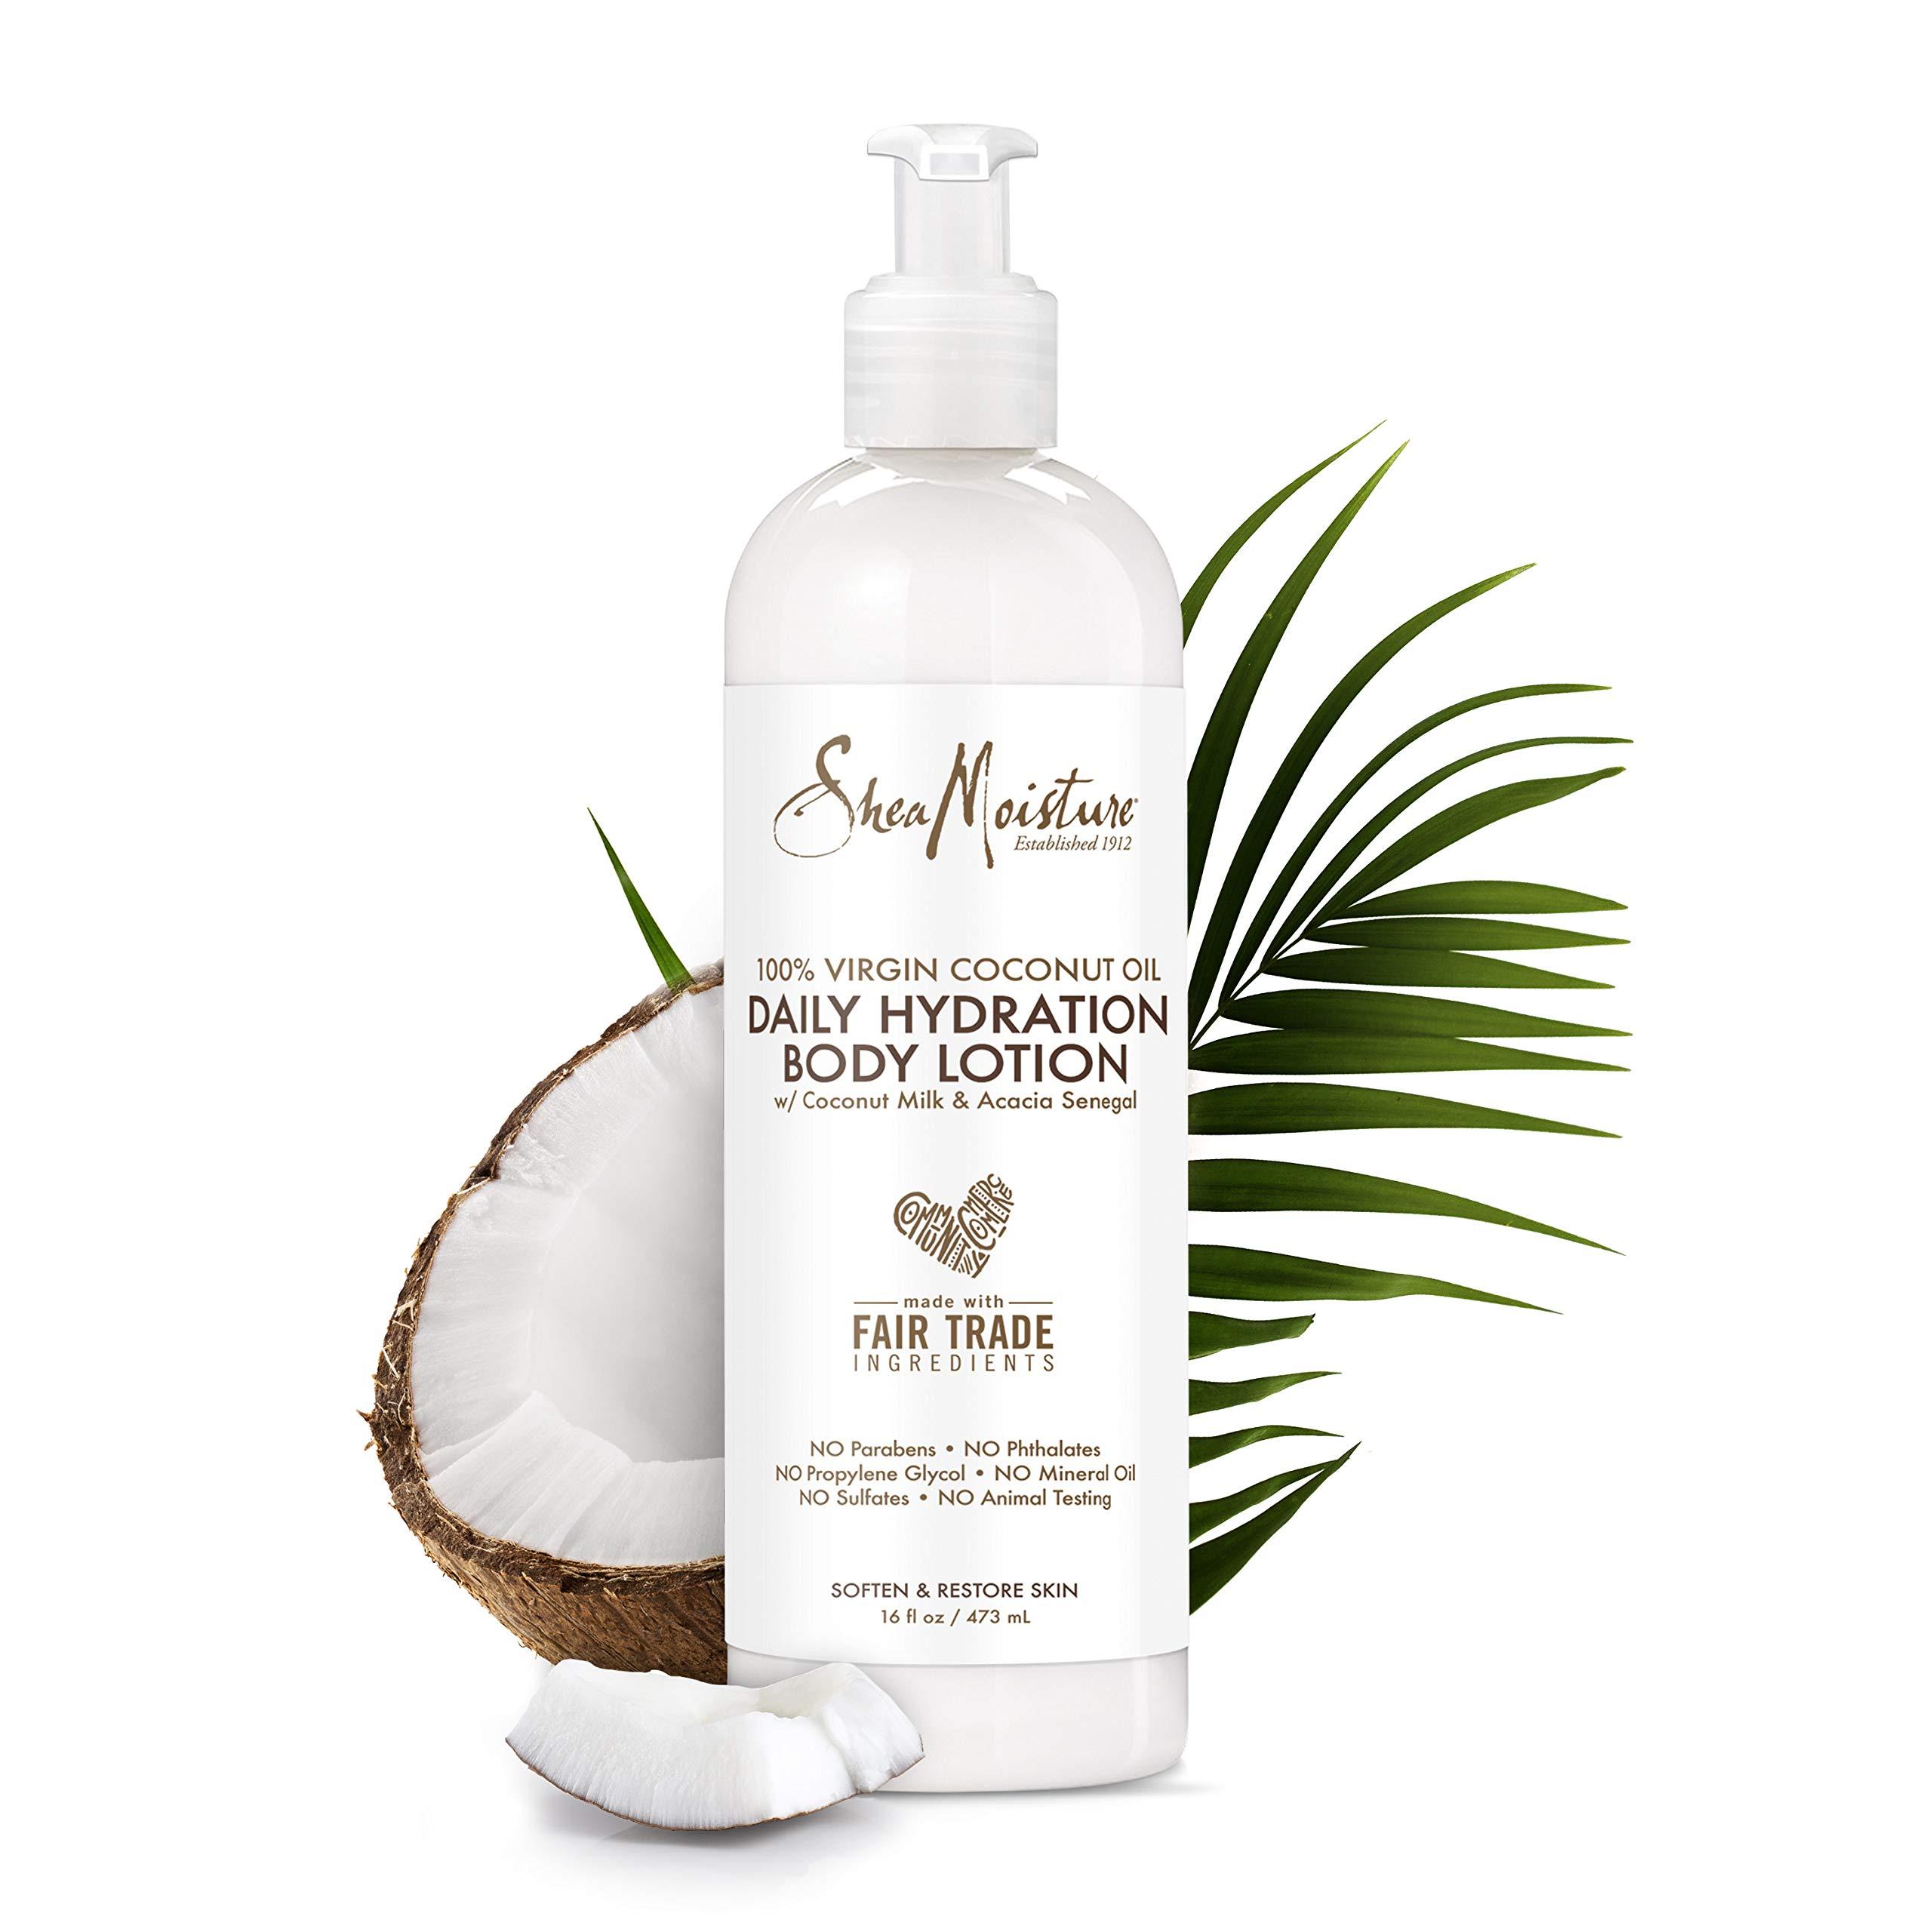 Shea Moisture 100% Virgin Coconut Oil Daily Hydration Body Lotion, 16 Ounces